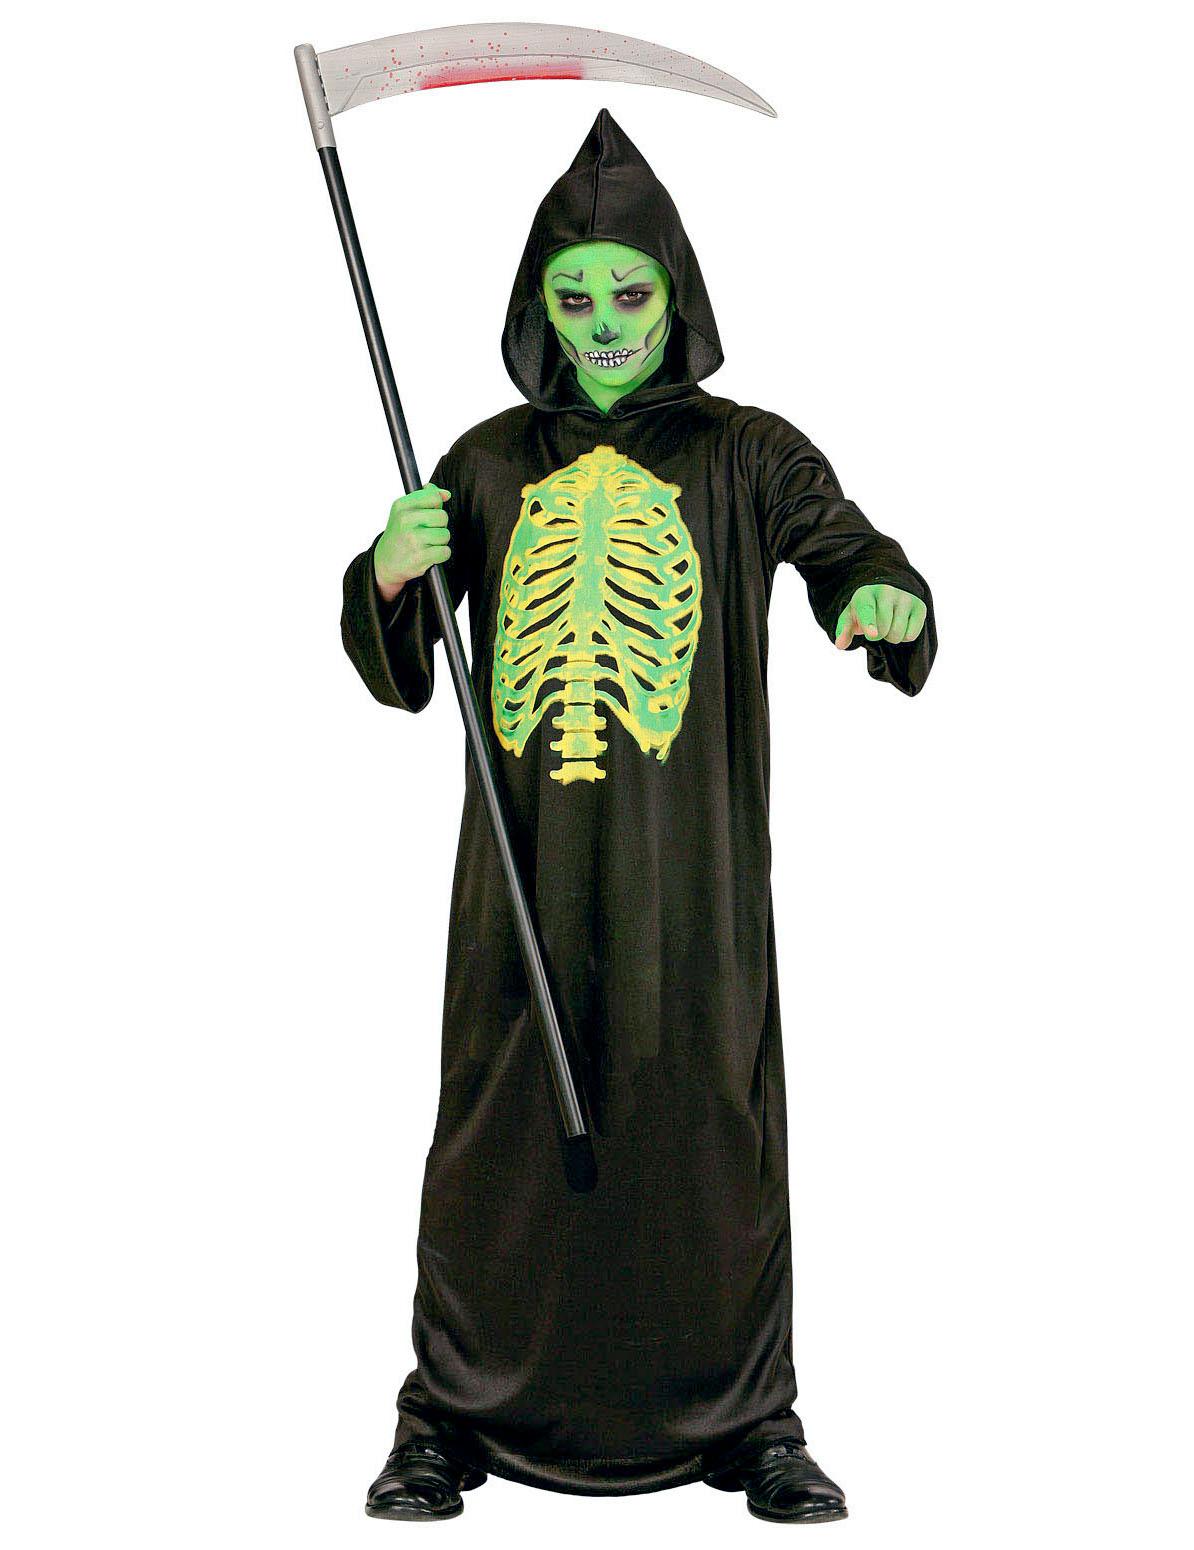 d guisement squelette ventr enfant halloween deguise toi achat de d guisements enfants. Black Bedroom Furniture Sets. Home Design Ideas